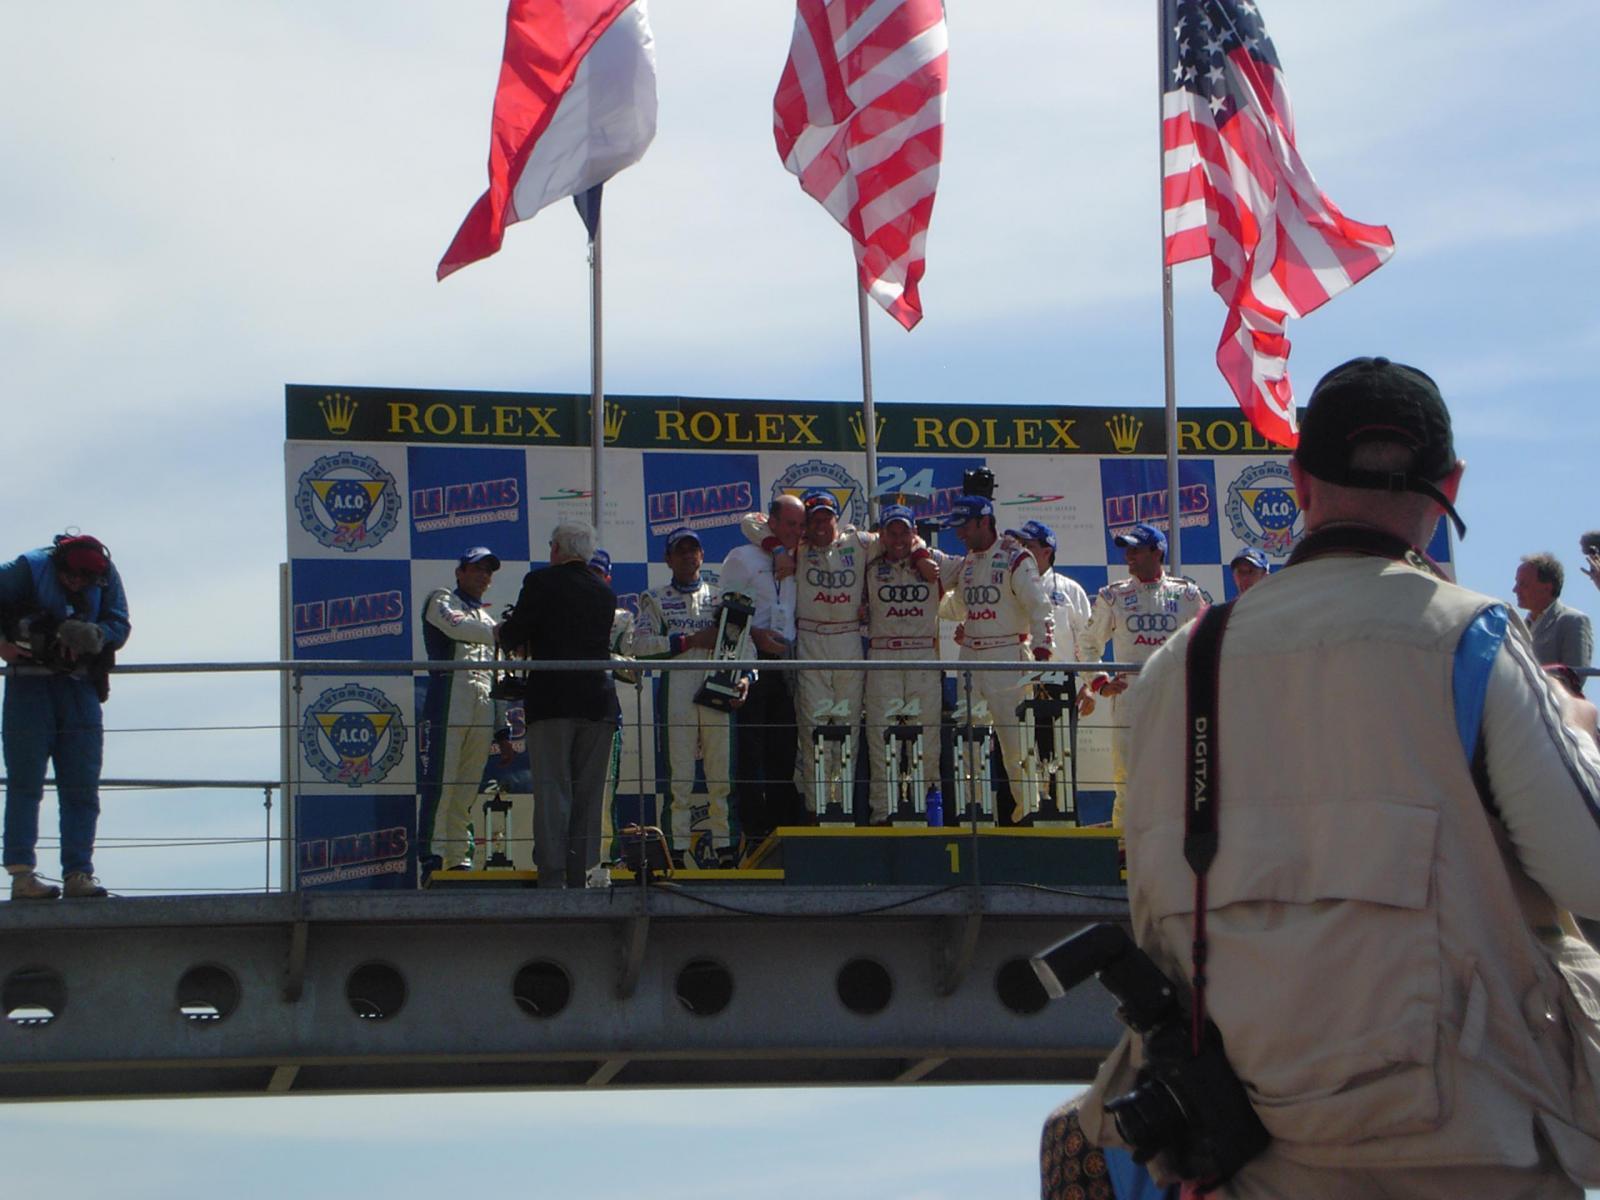 Le mans 2005 podium 03.jpg